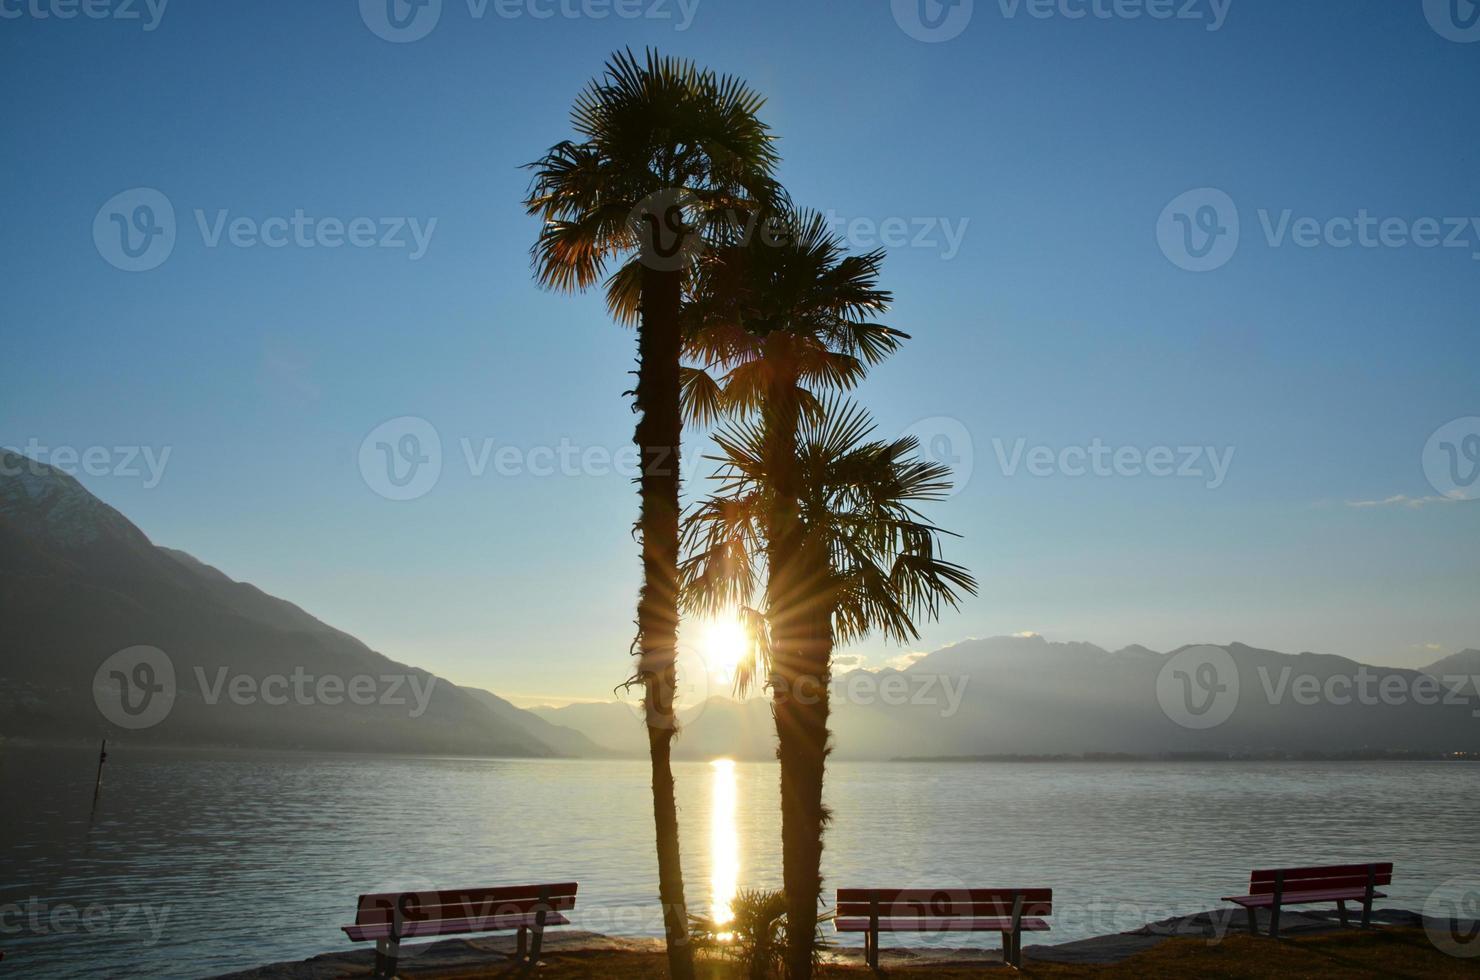 drei Palmen und Bank bei Sonnenuntergang foto